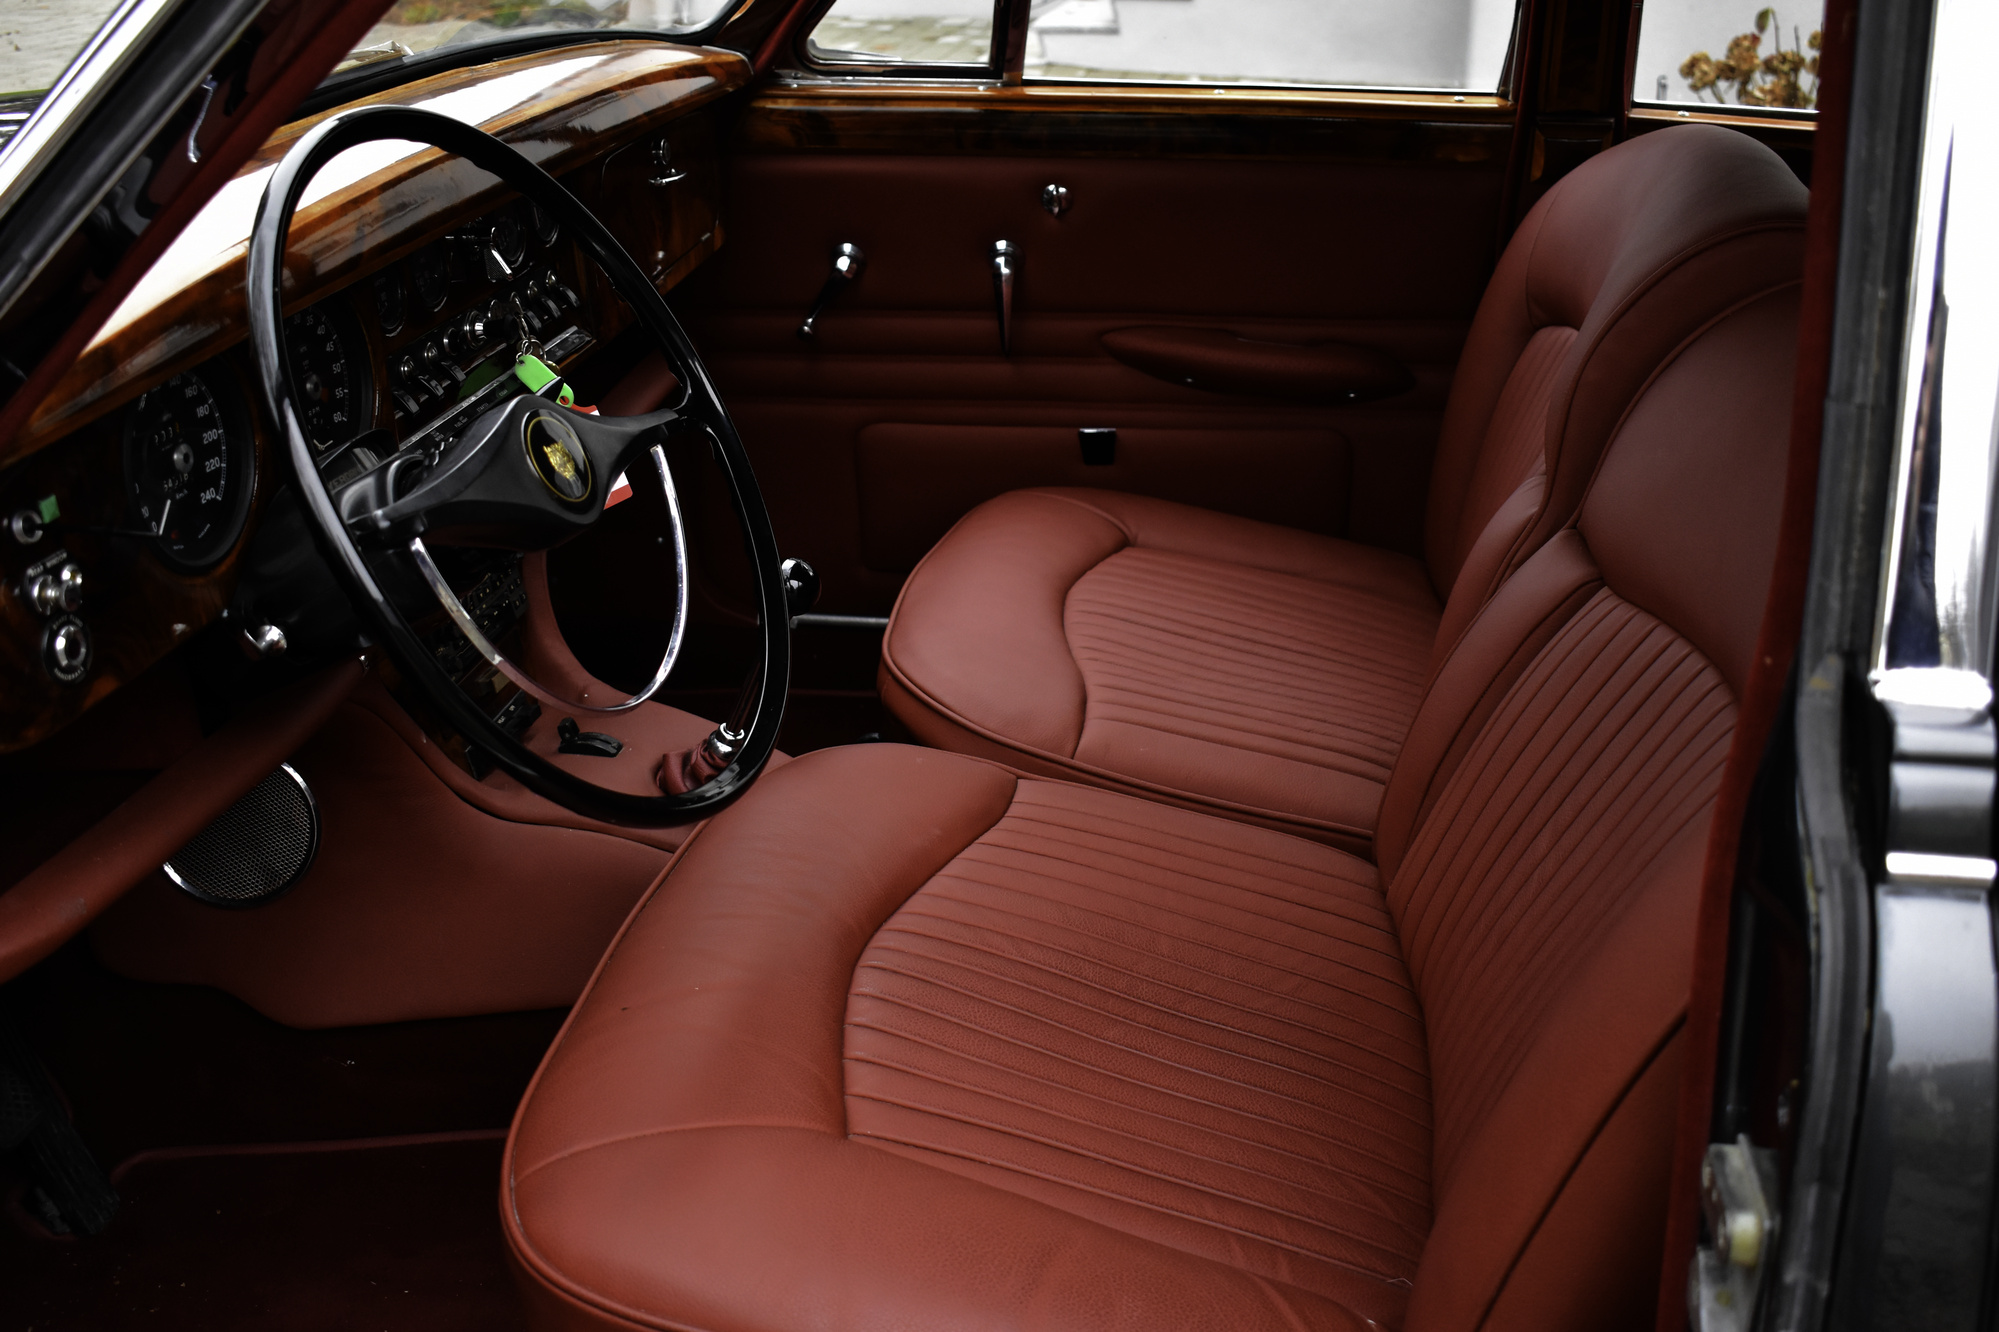 Interieur eines dunkelgrauen 1966 Jaguar S-Type 3.8 Litre Oldtimer Veteranenfahrzeug mit den roten Vordersitzen und dem Armaturenbrett fotografiert durch die offene Fahrertüre